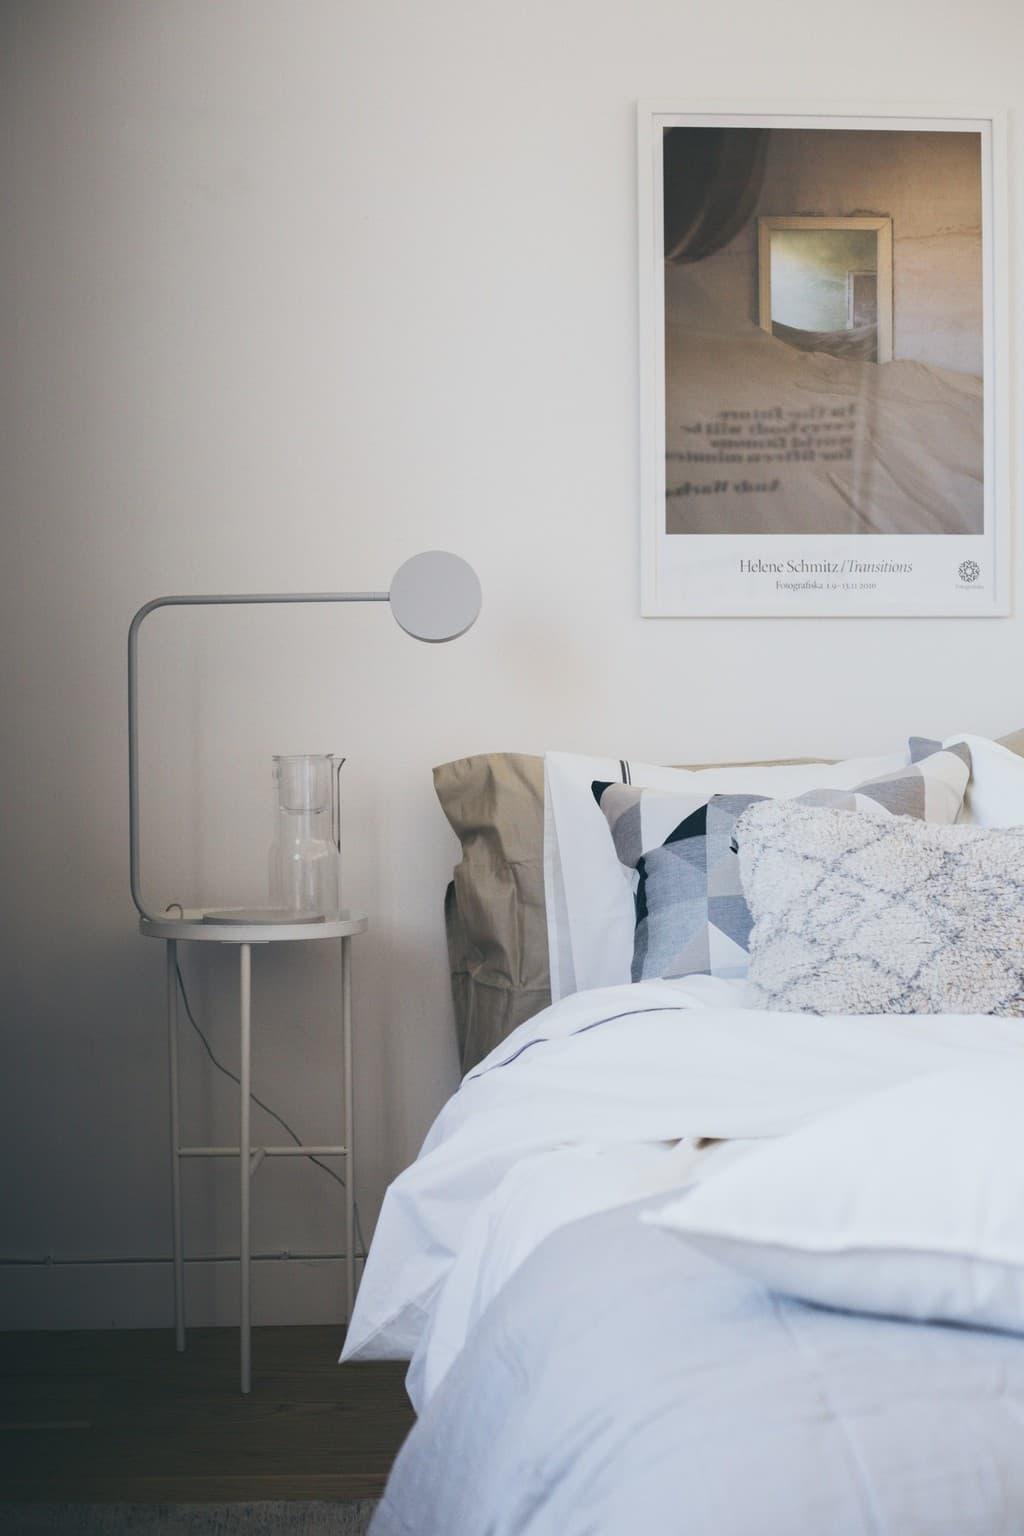 bäddad säng med kuddar, sängbord och bordslampa bredvid